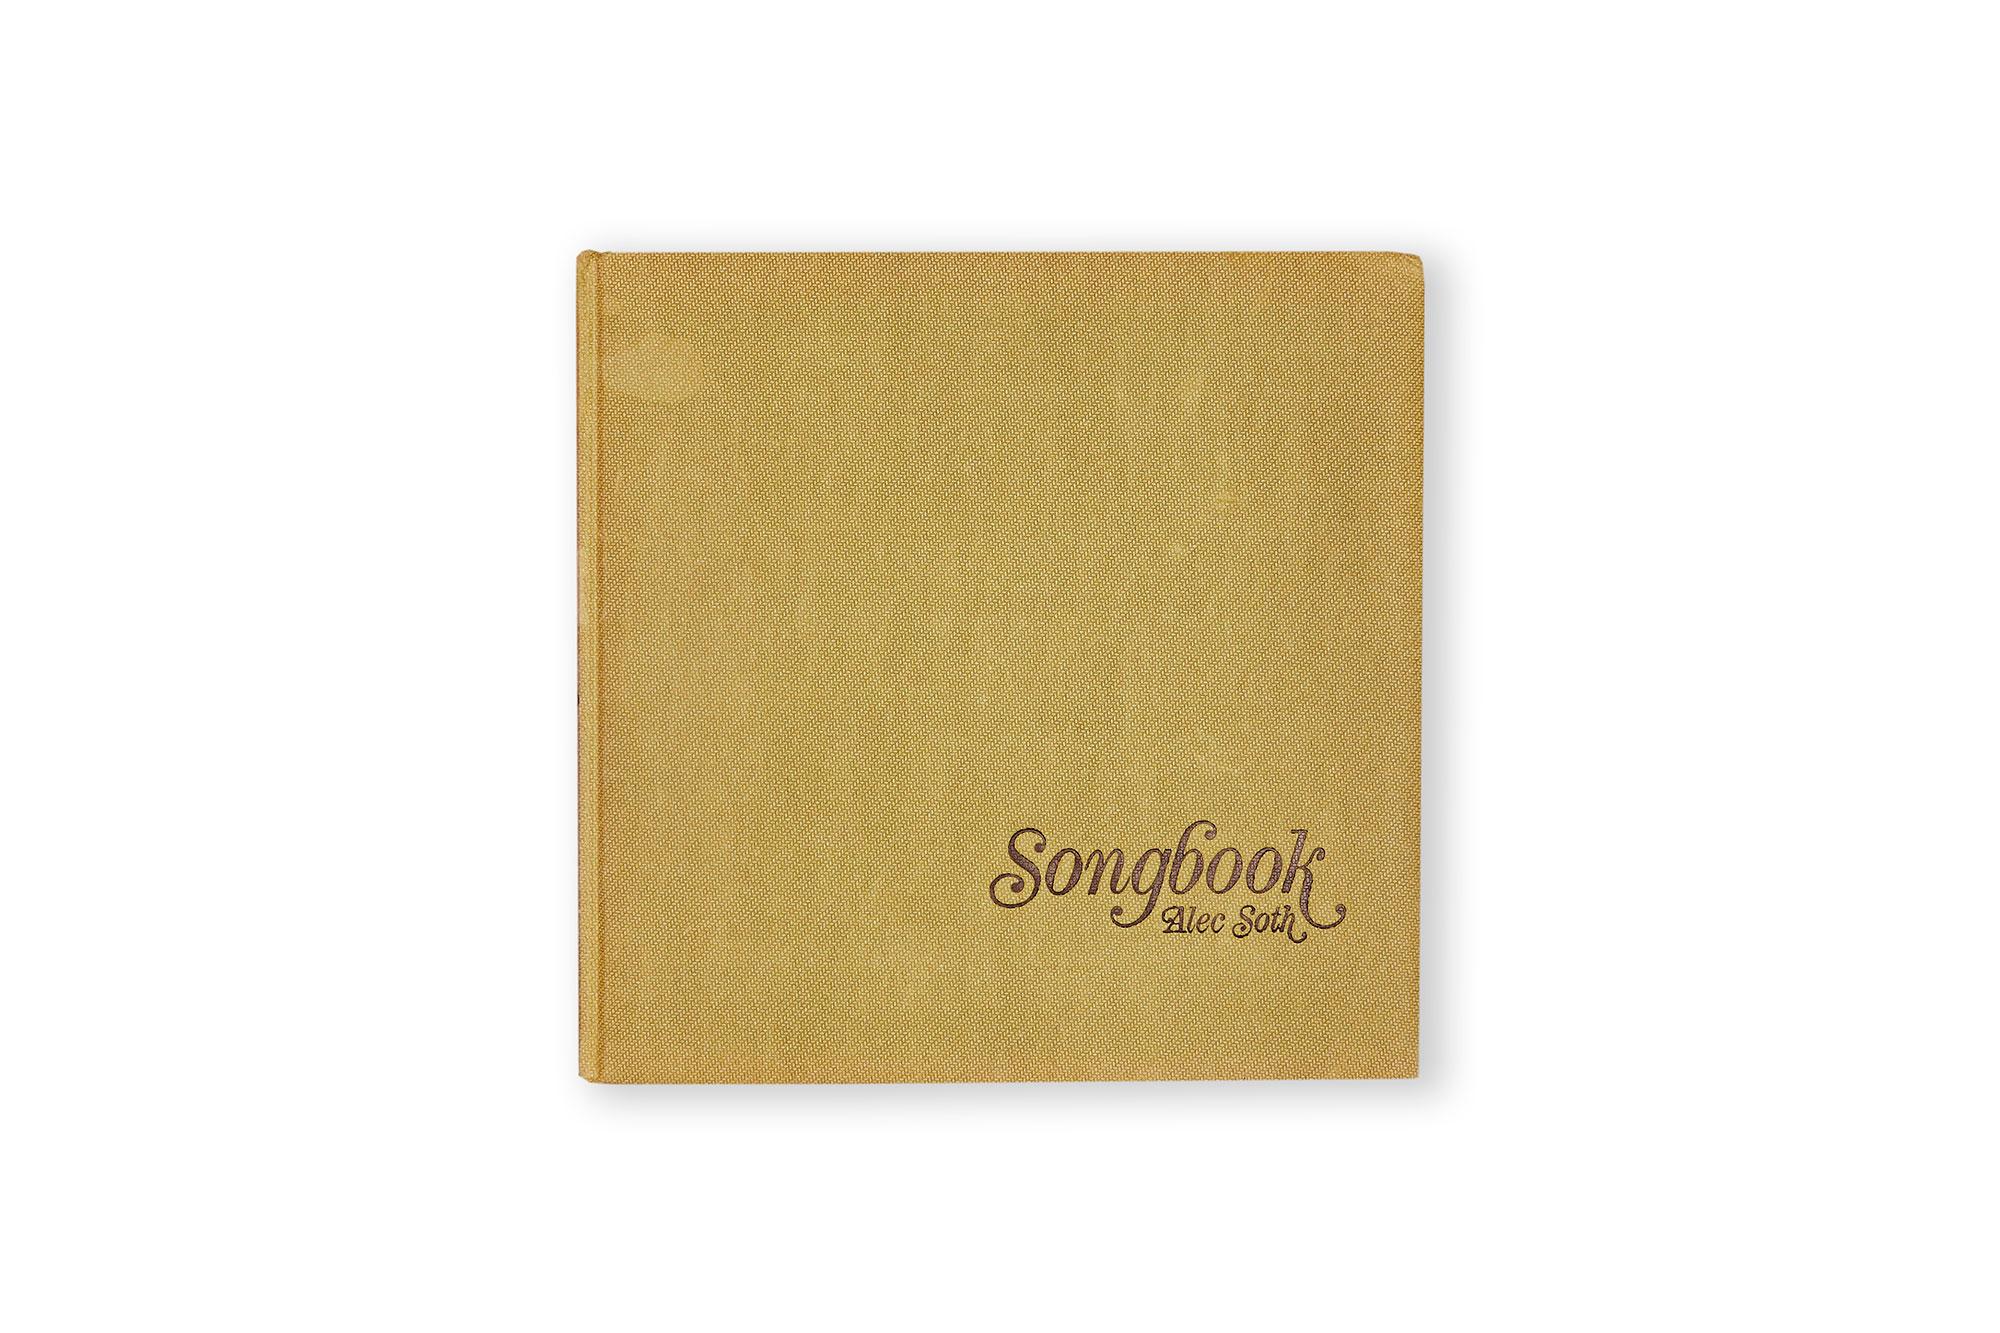 SONGBOOK, alec soth.